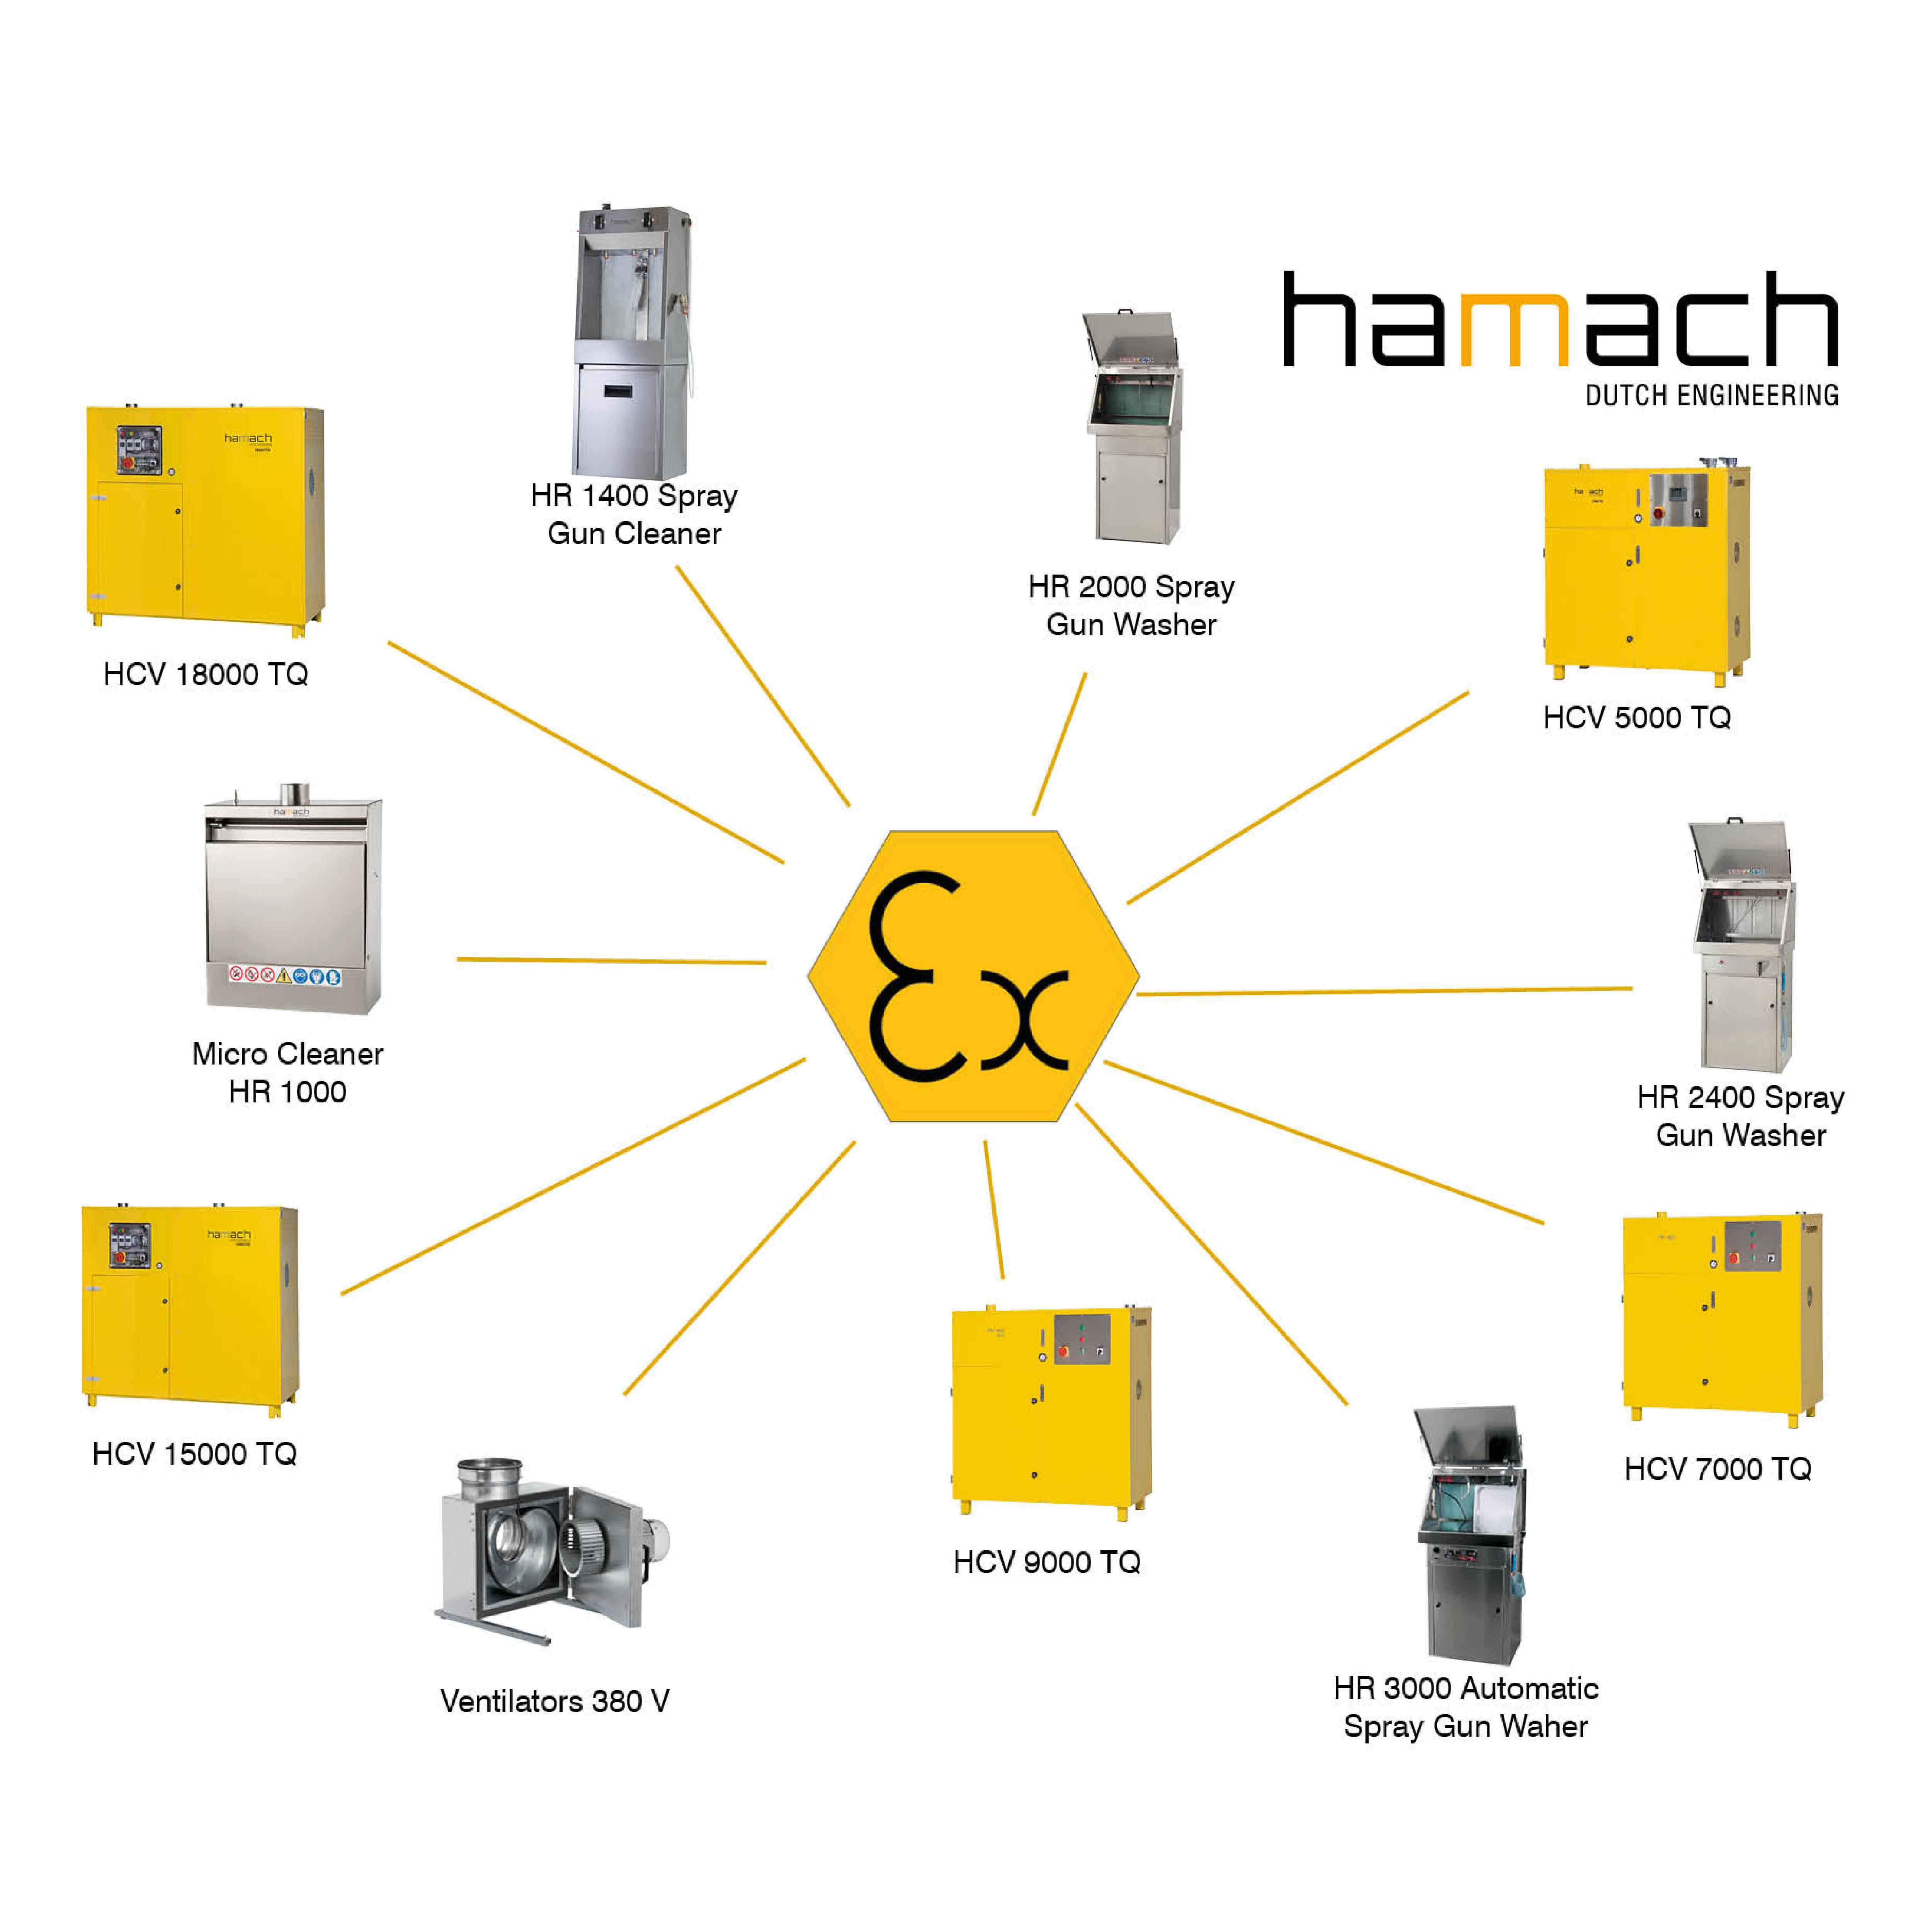 Hamach_News_Atex_Header_v2